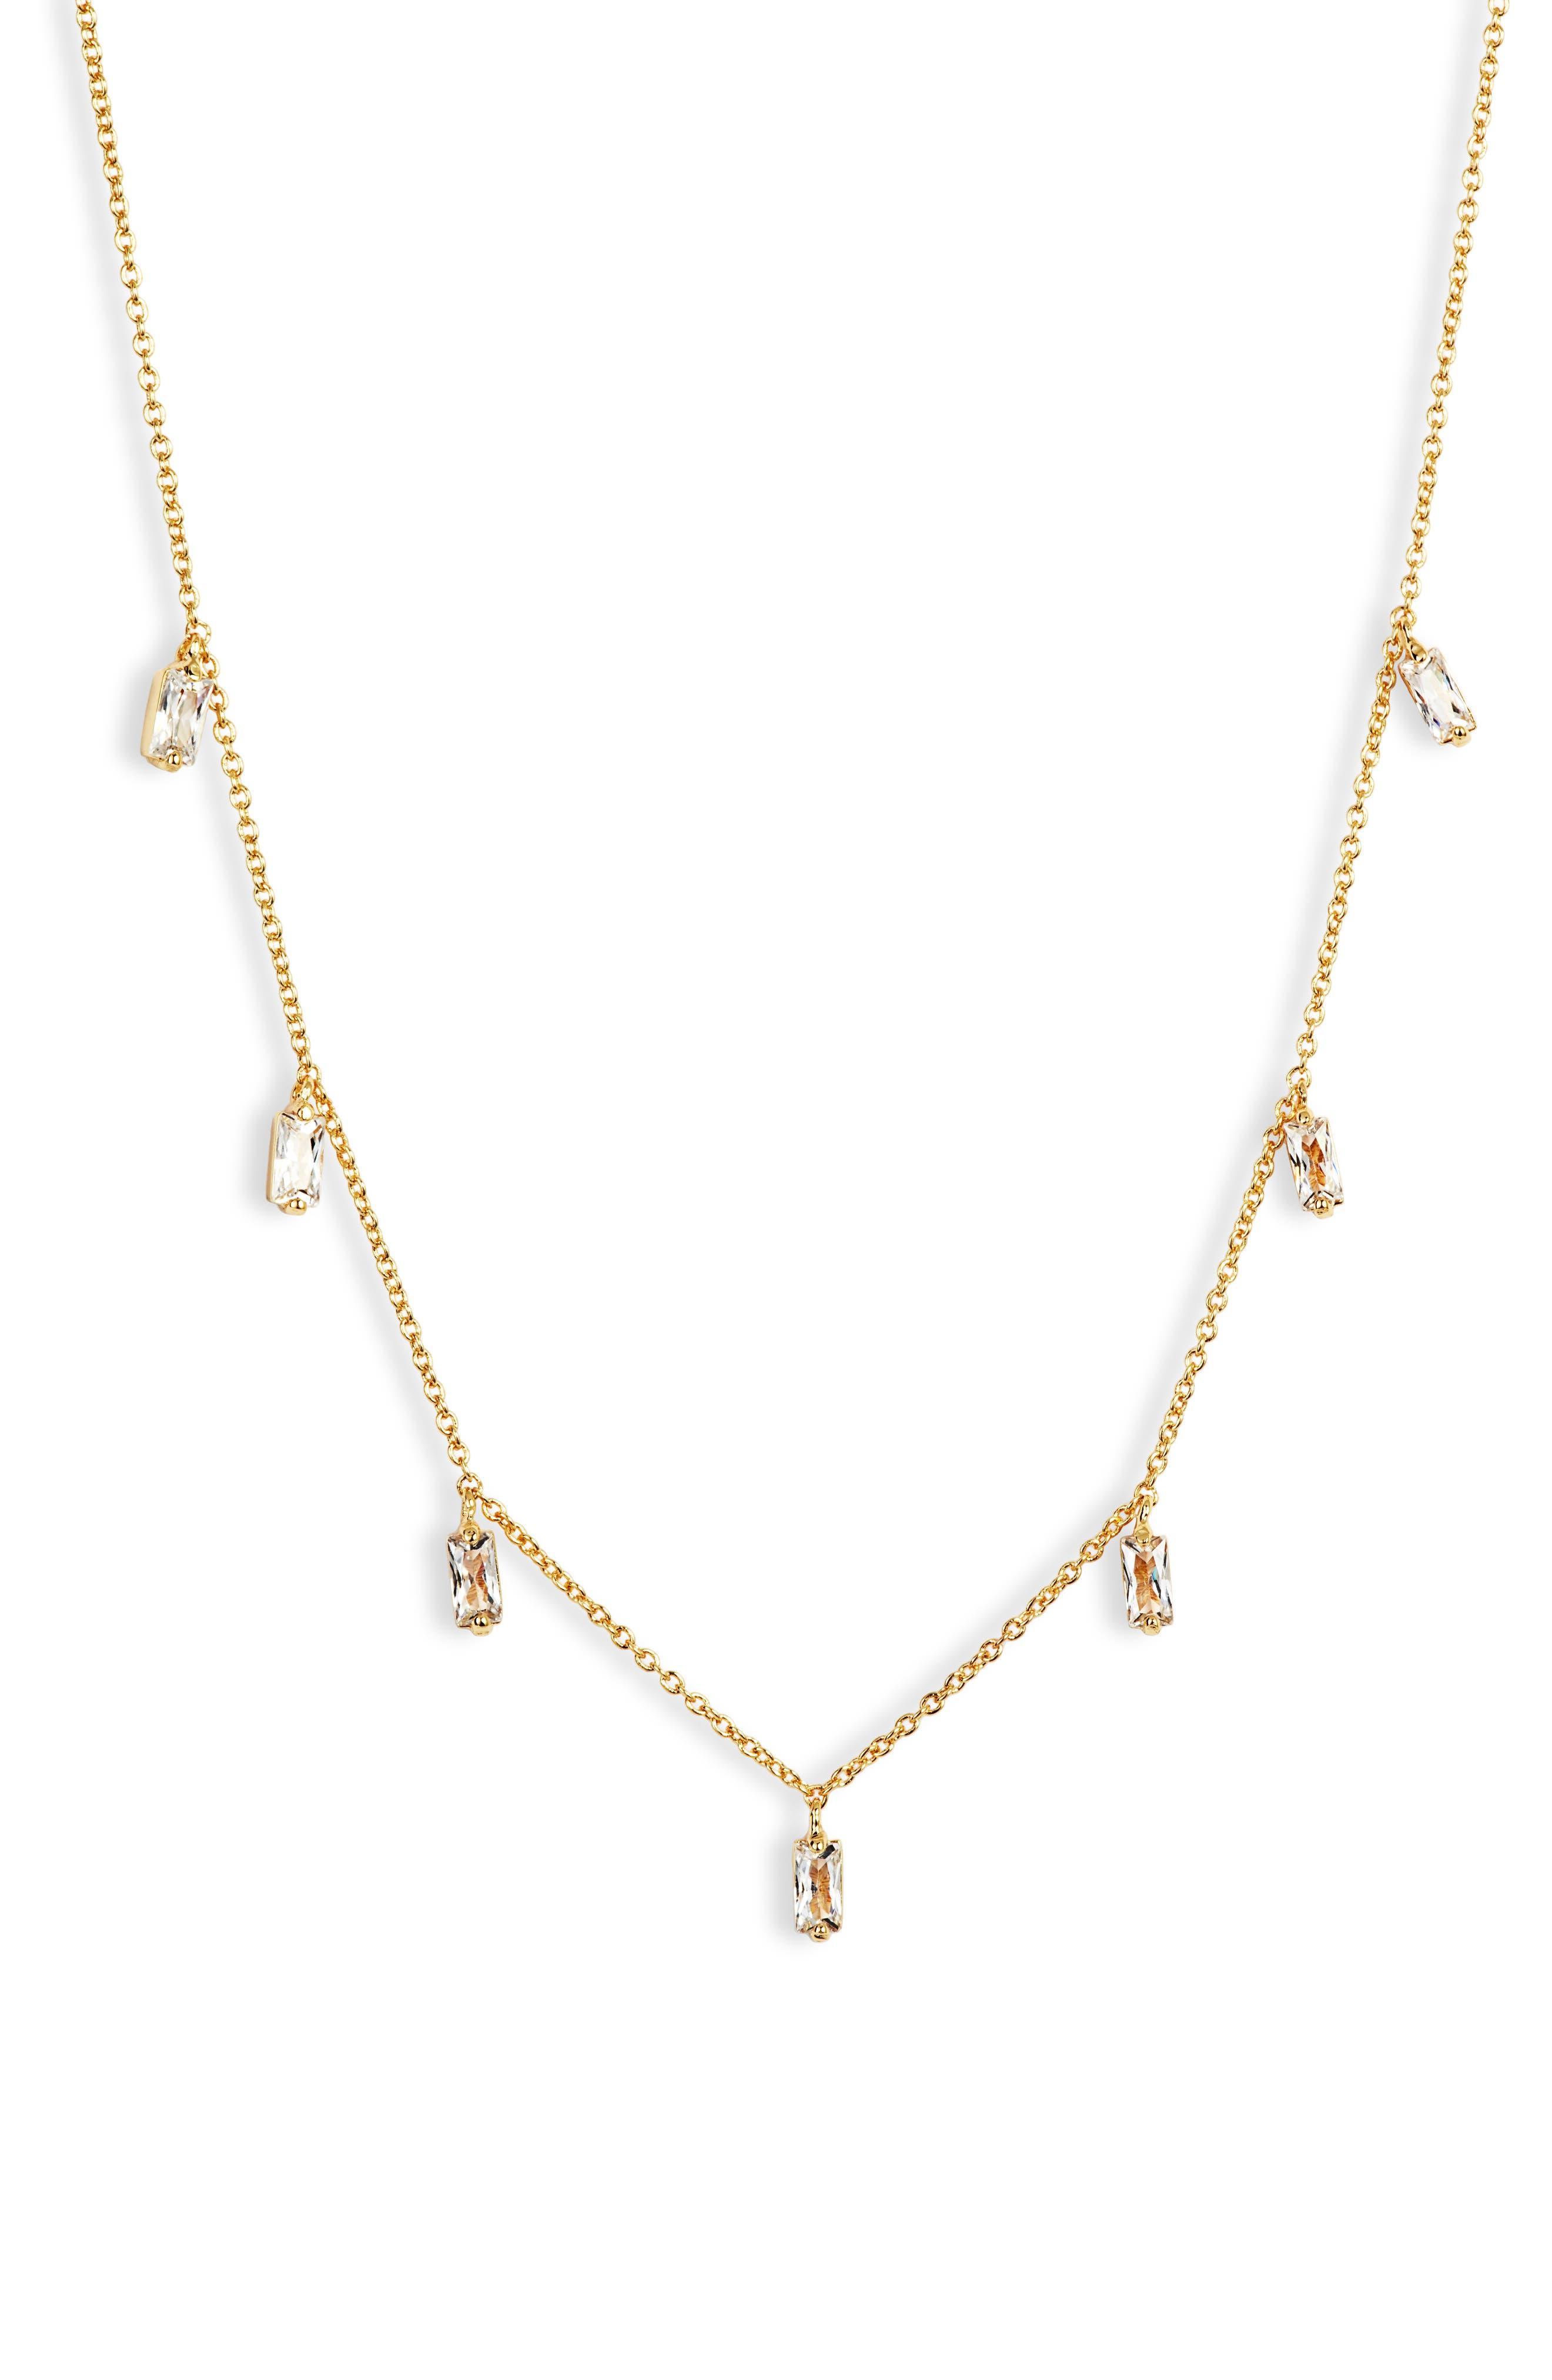 GORJANA Amara Crystal Fringe Necklace, Main, color, JEWEL/ GOLD